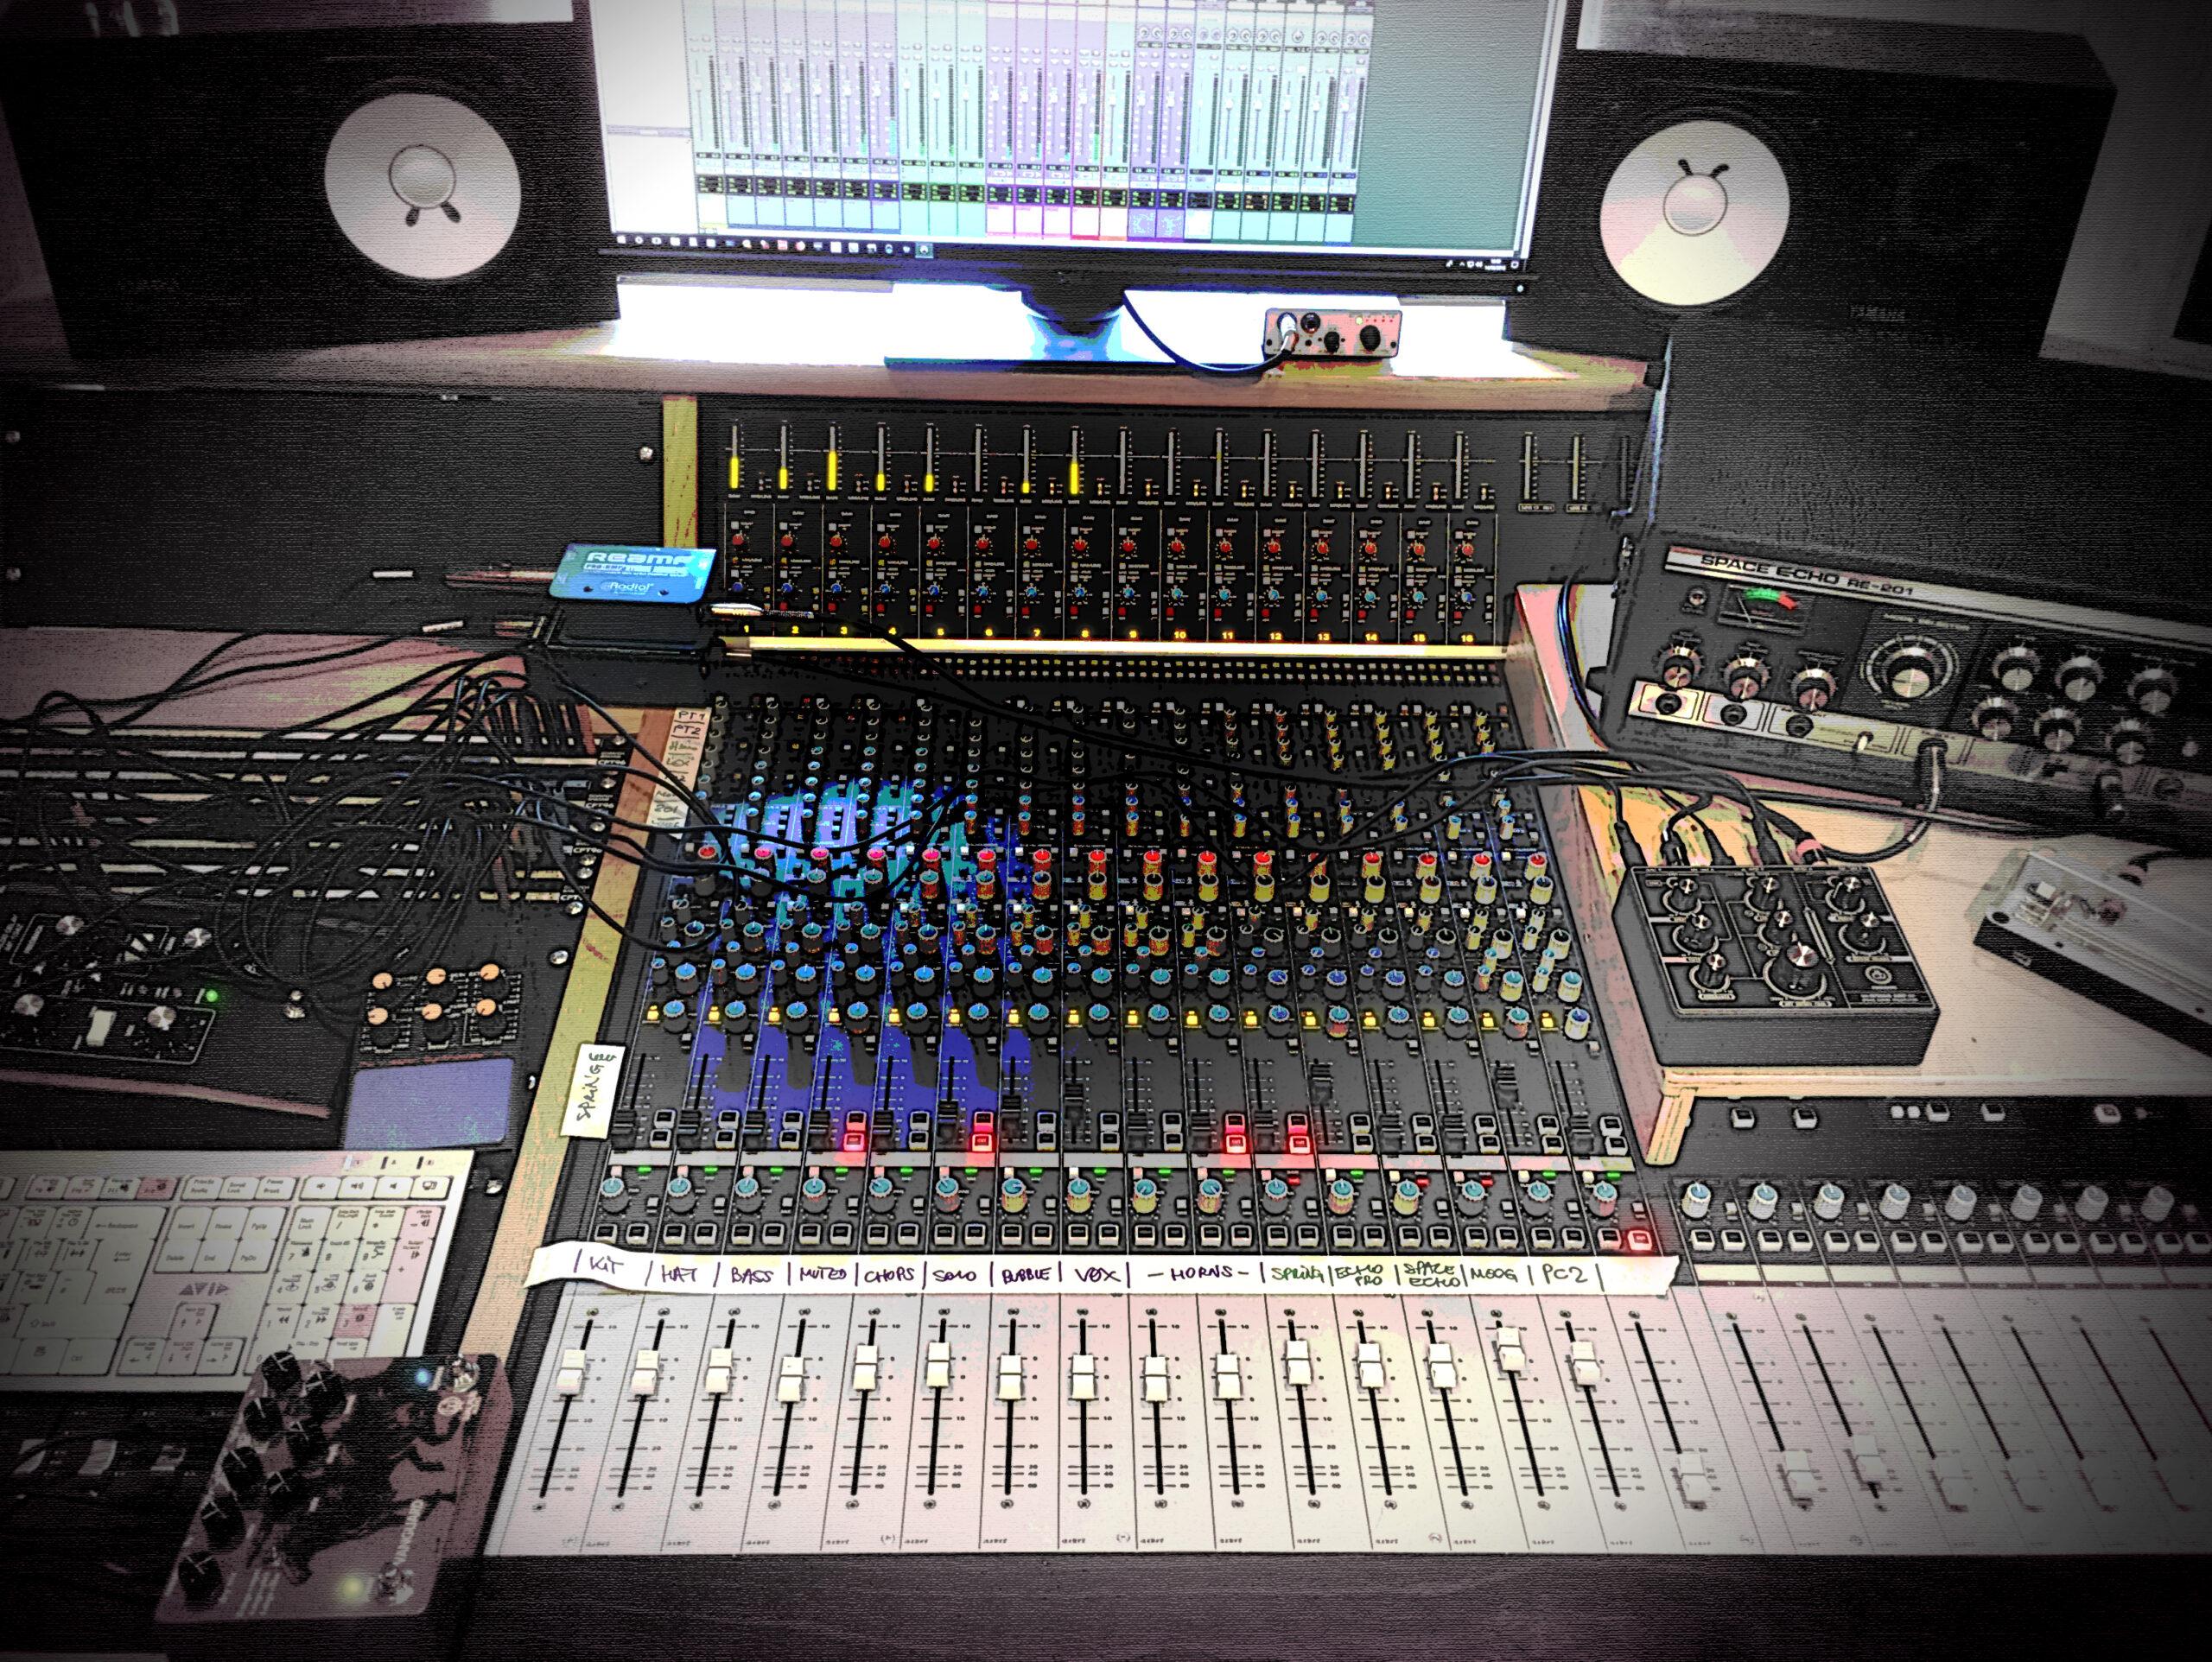 Slipway-Studio-Audient4816-mixing-desk